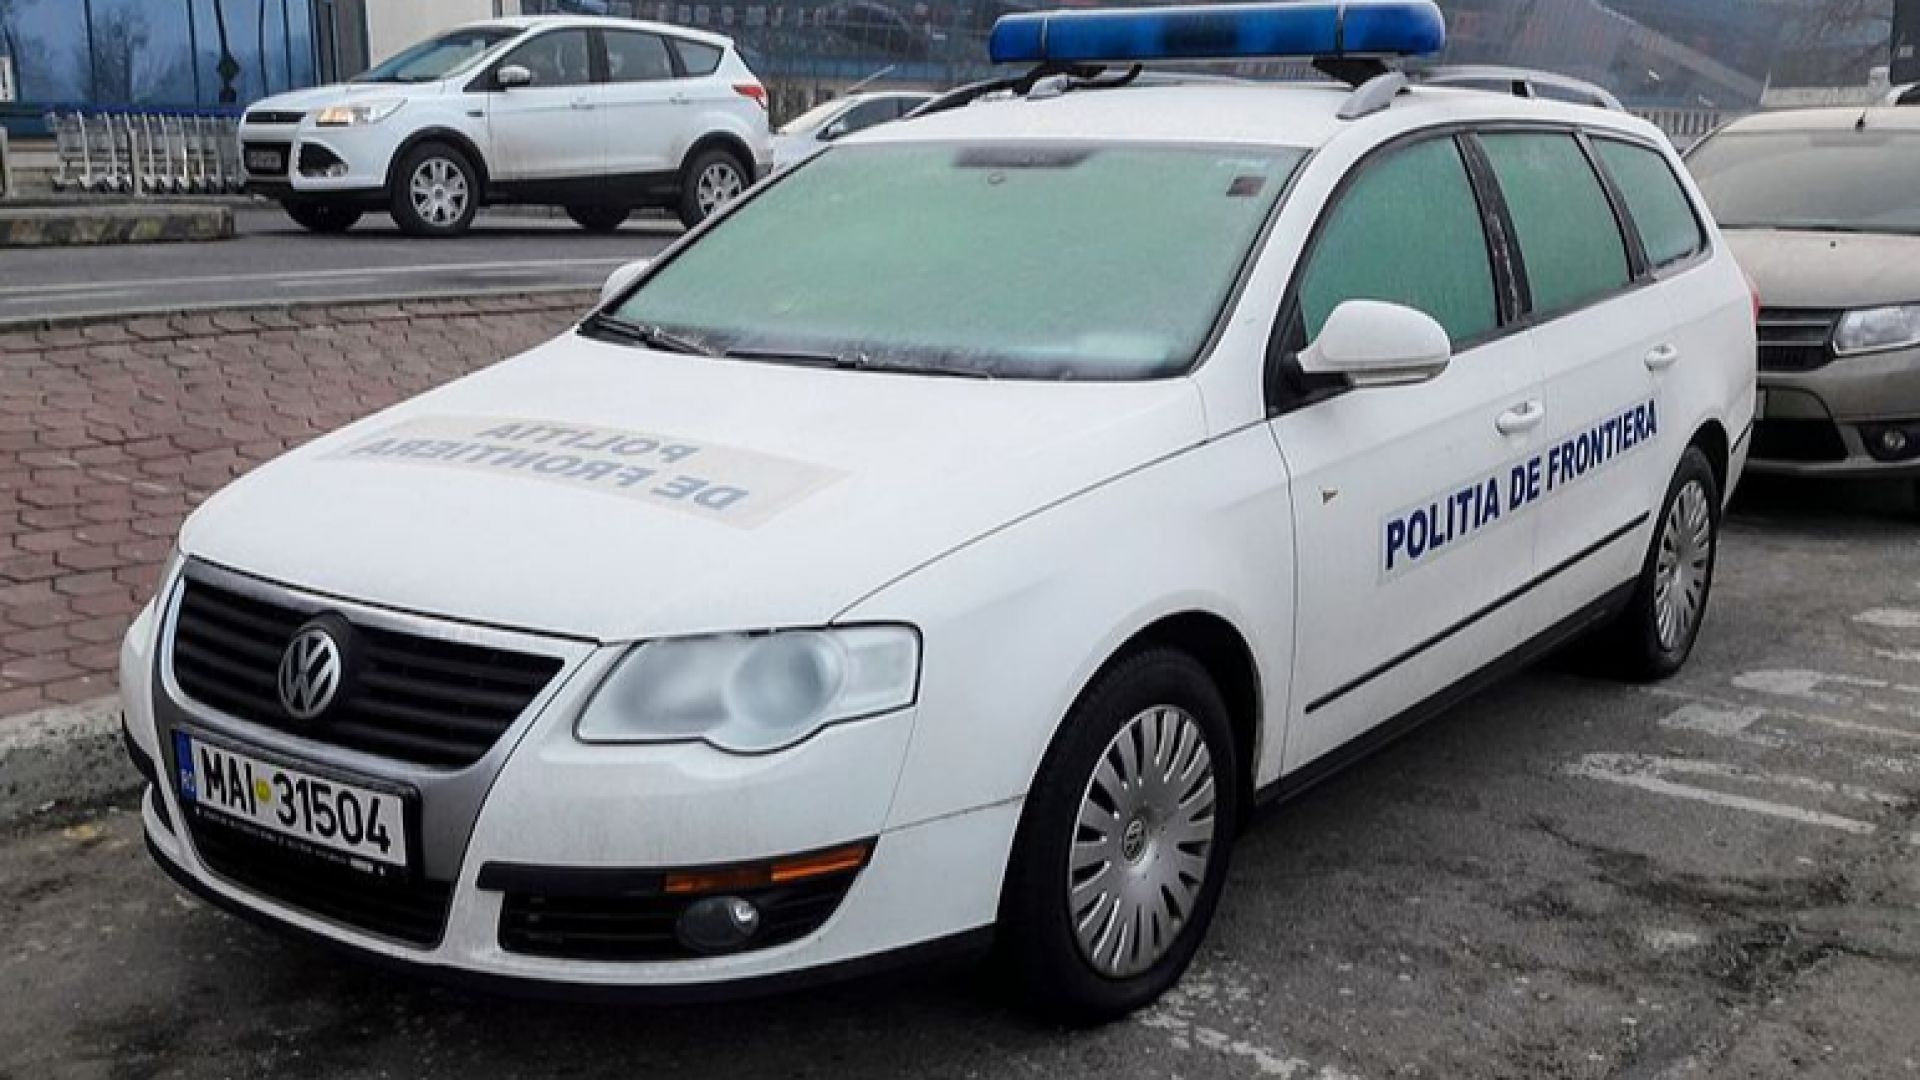 Двама граждани на Афганистан бяха заловени от румънската гранична полиция